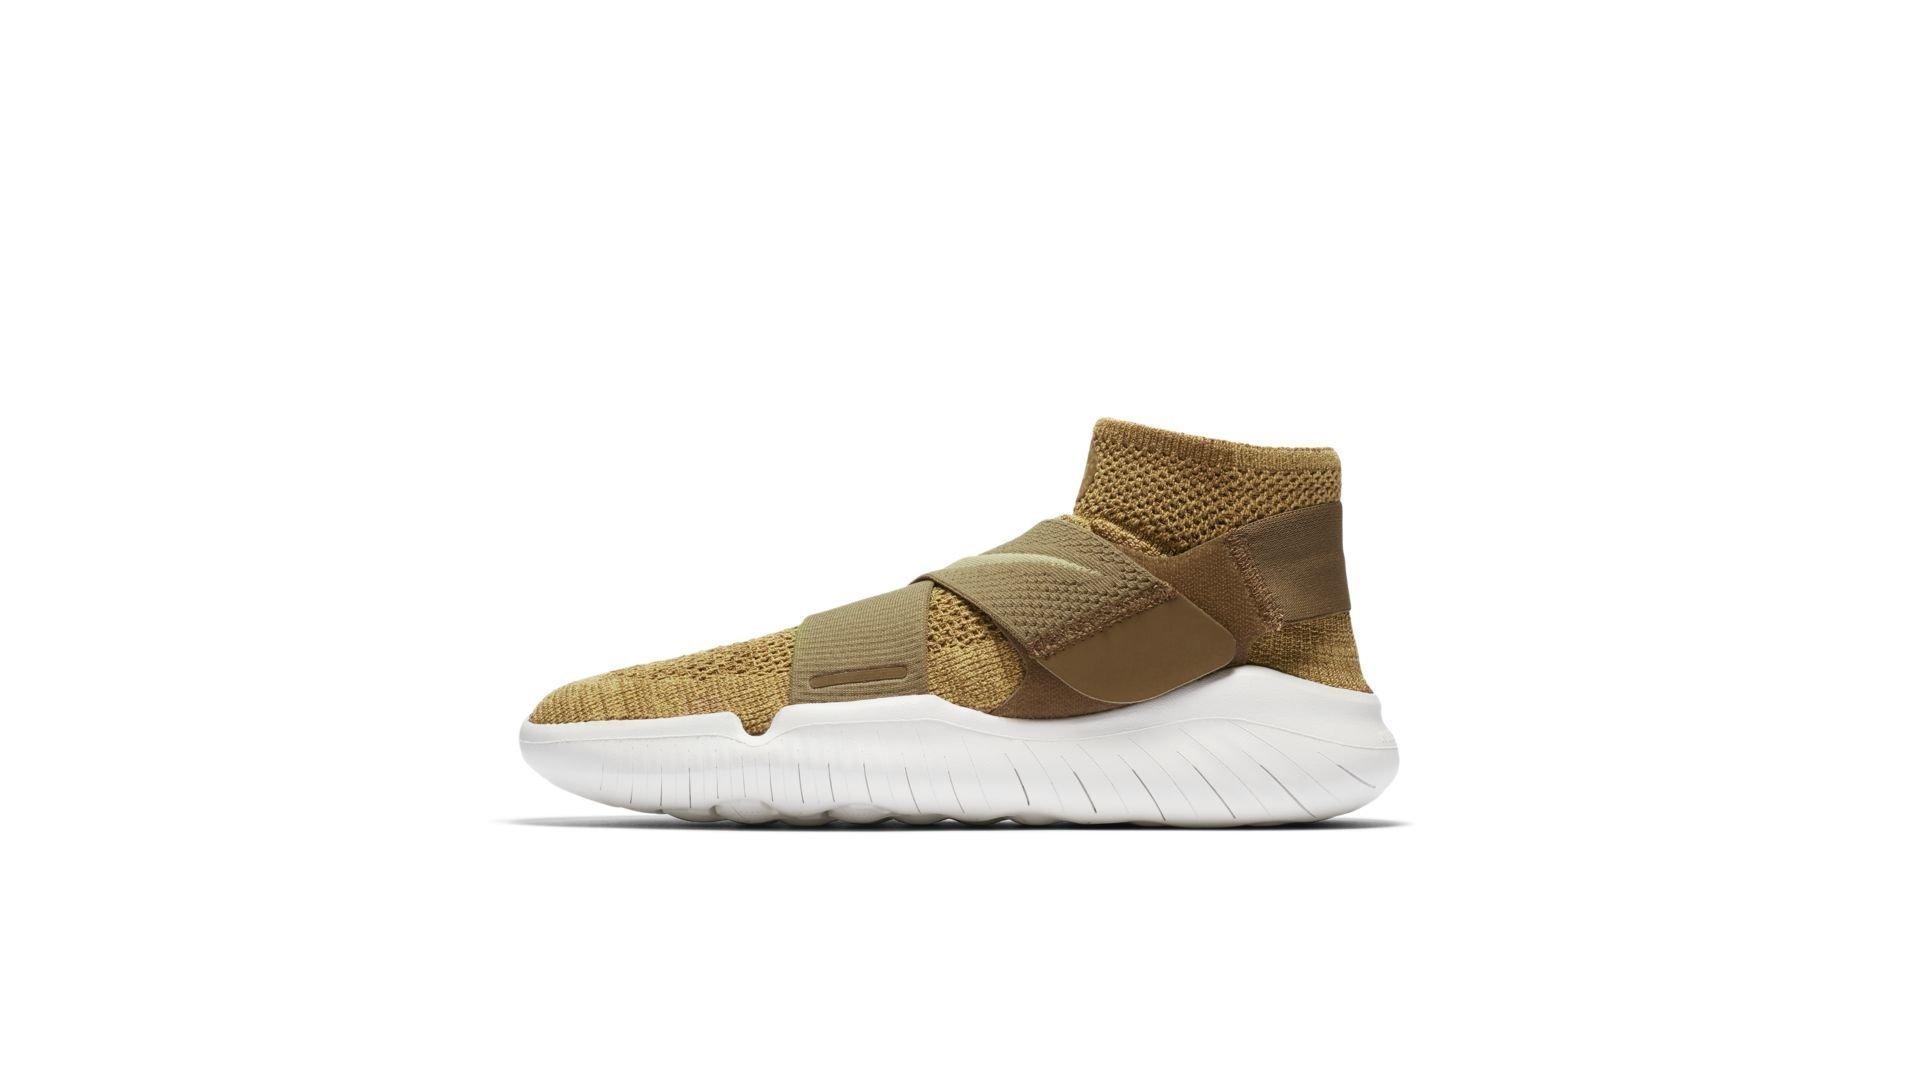 Nike Free RN Motion Flyknit 2018 Golden Beige (942840-201)